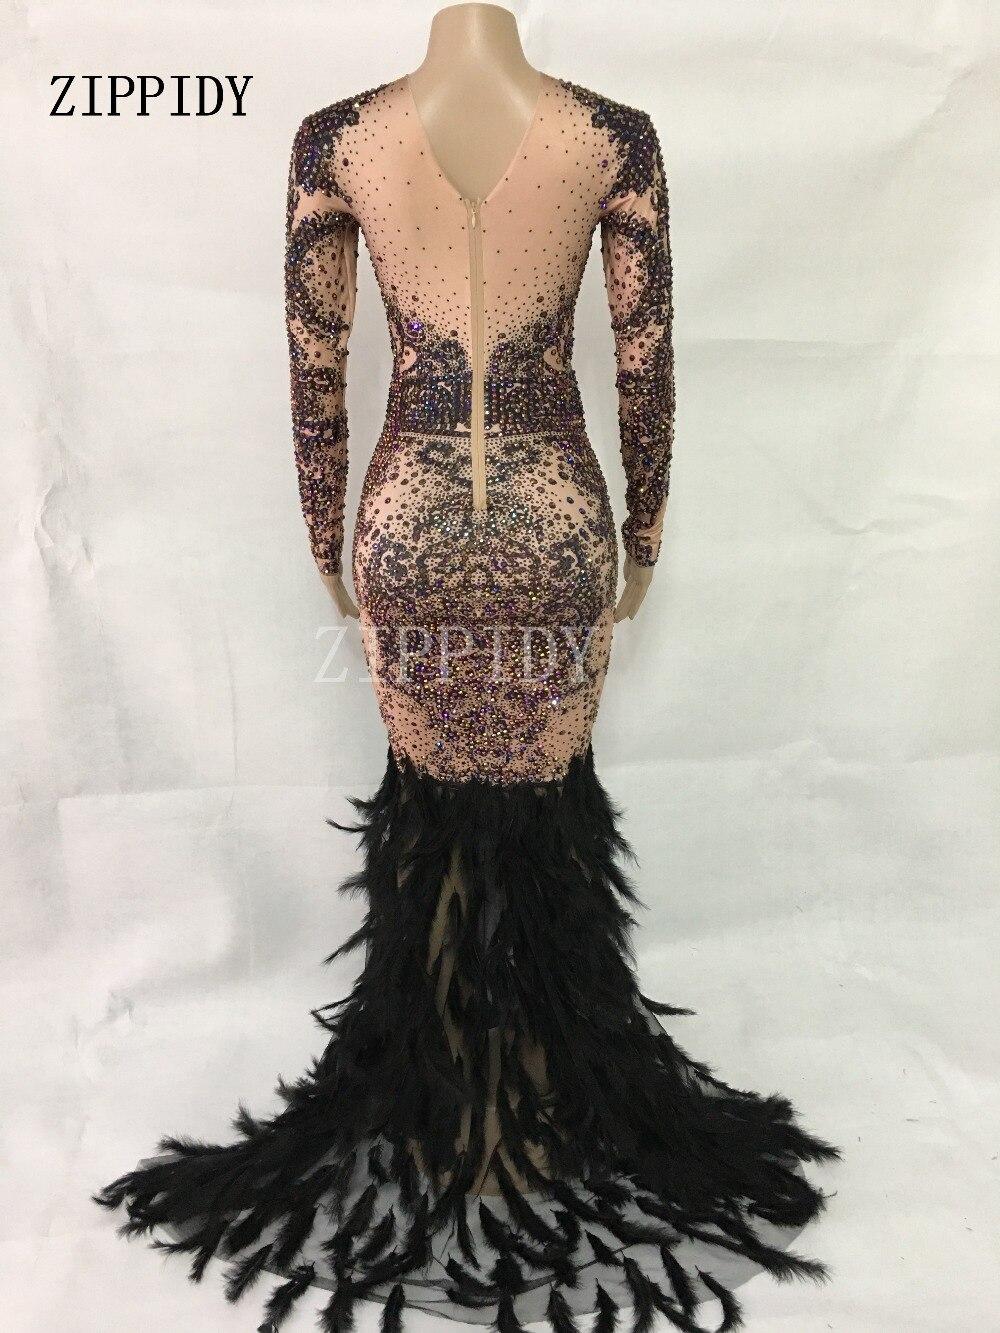 Vestido de fiesta de graduación Vestido largo de plumas negras con diamantes de imitación de colores brillantes a la moda-in Vestidos from Ropa de mujer    2